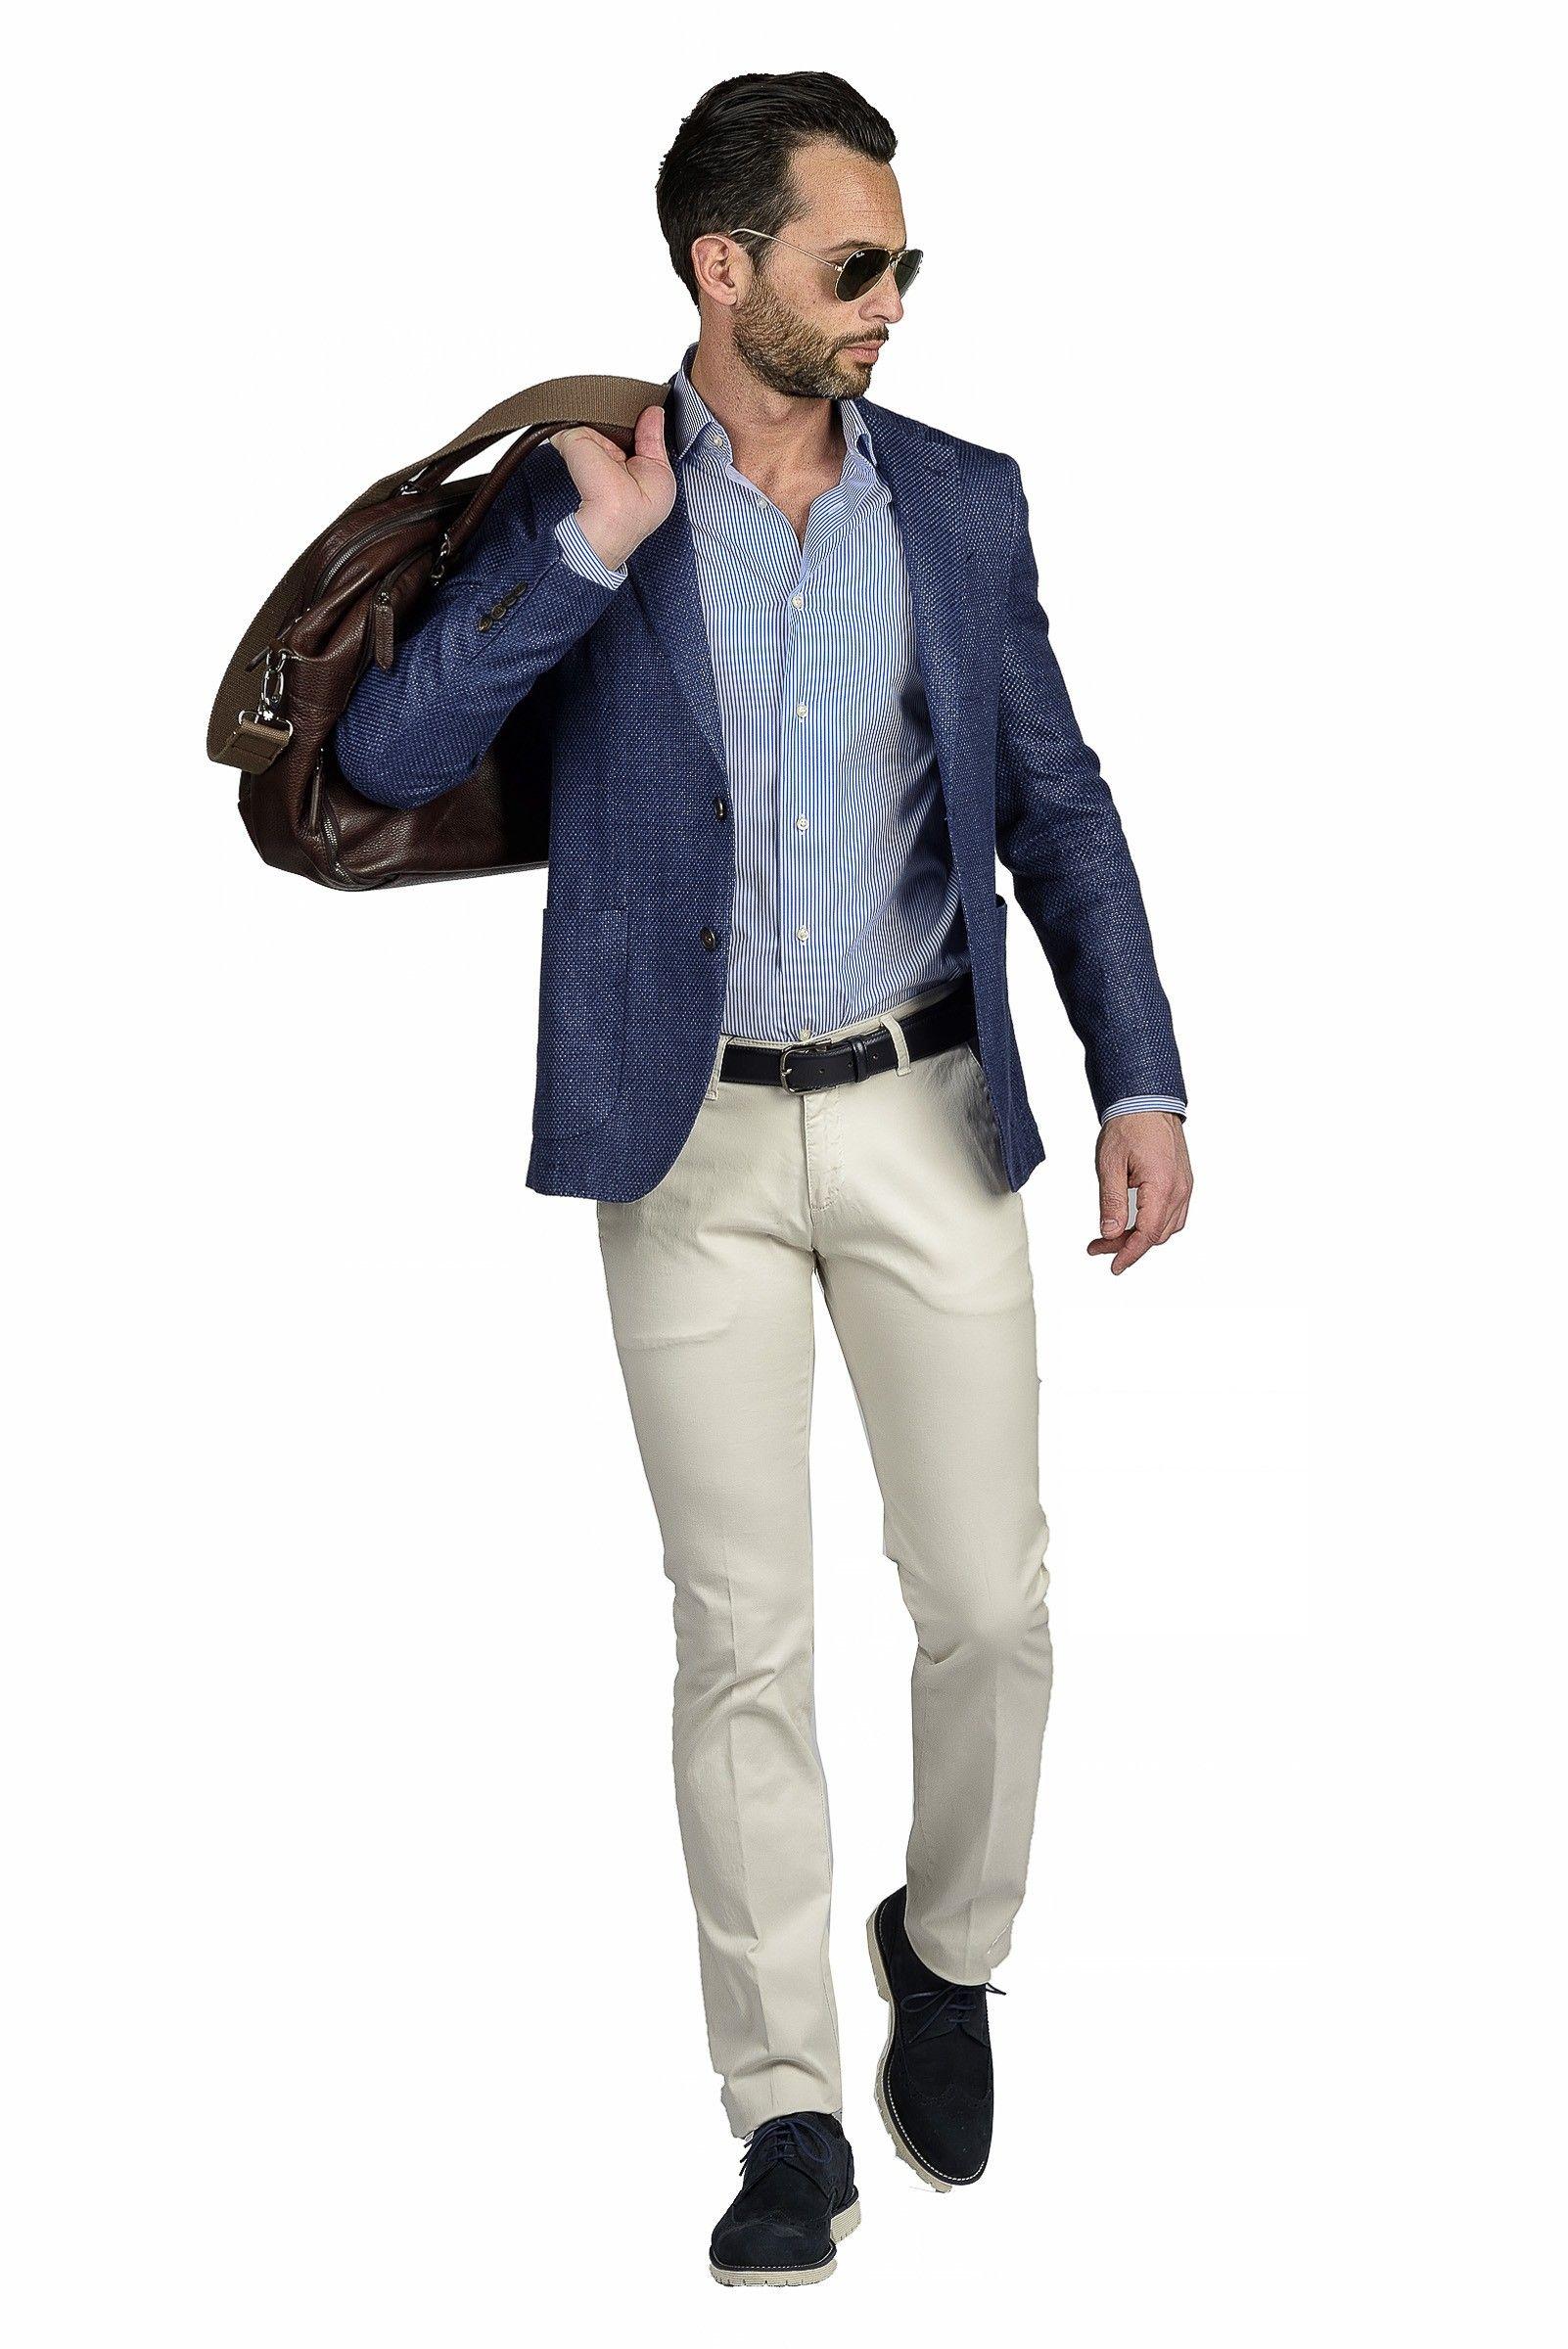 Angelico Abbigliamento Lino Giacca Giacche Slim Bluette 0aa5qwbx Cotone SSqYWz6